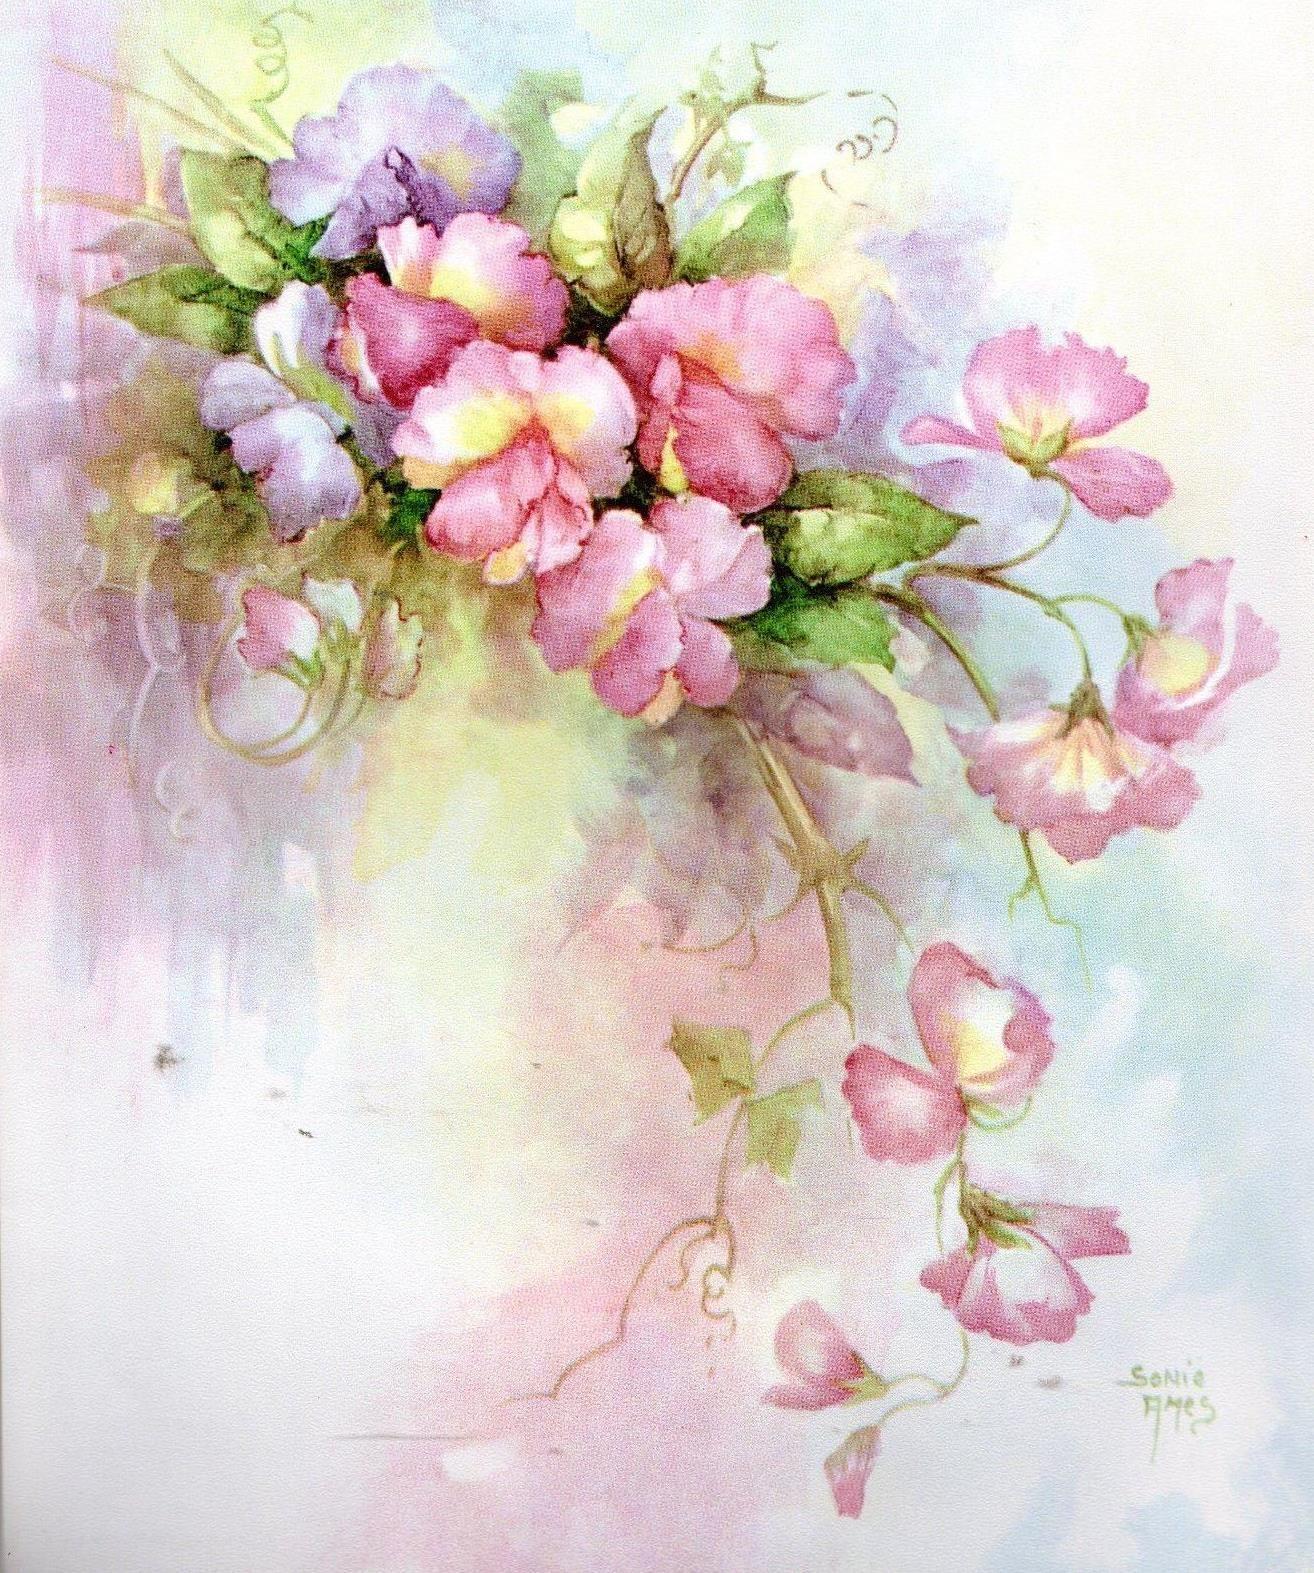 Epingle Par Gre Nadine Sur Jolis Papiers Fond Aquarelle Fleurs